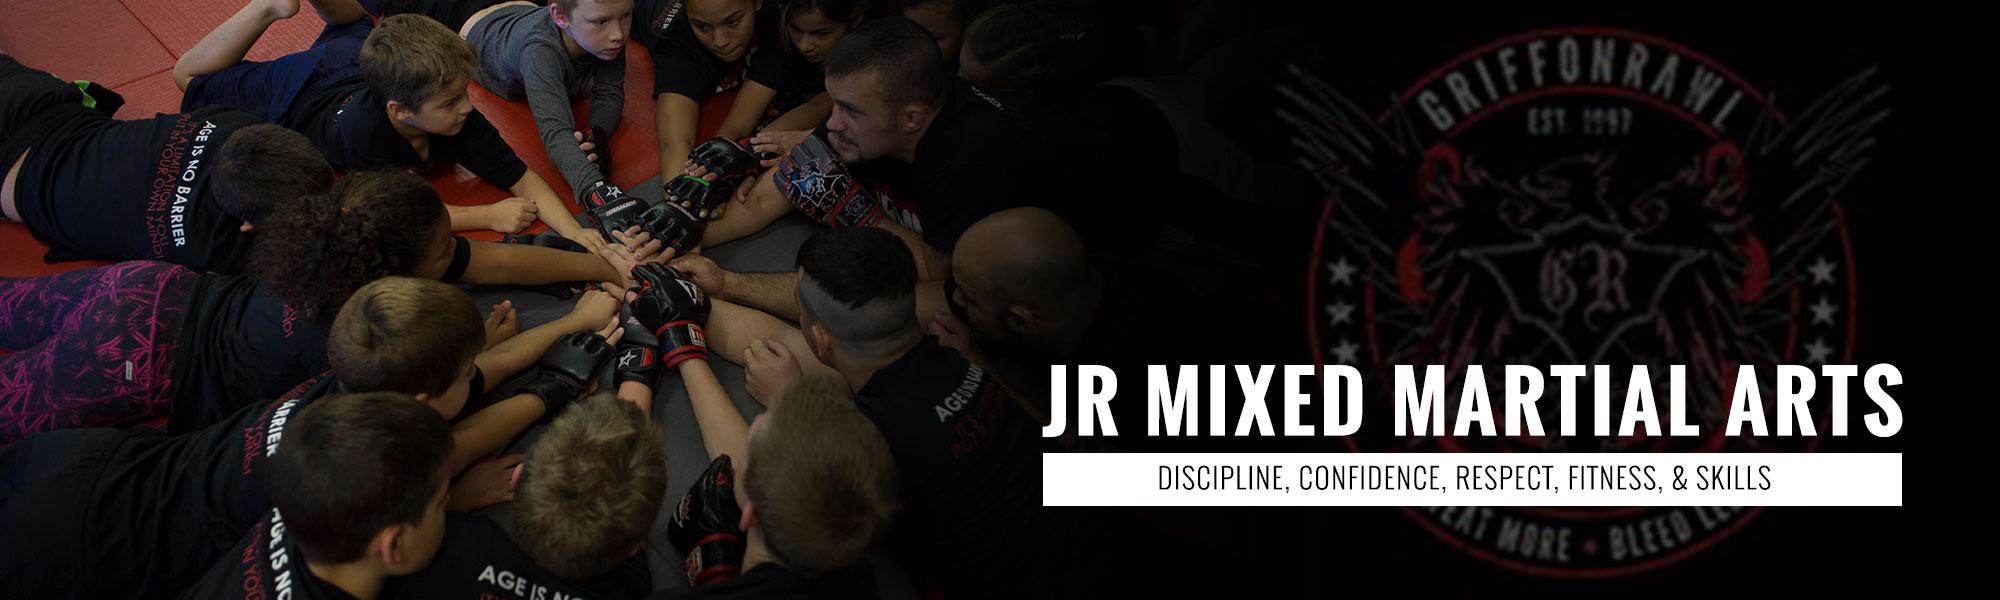 Junior Mixed Martial Arts